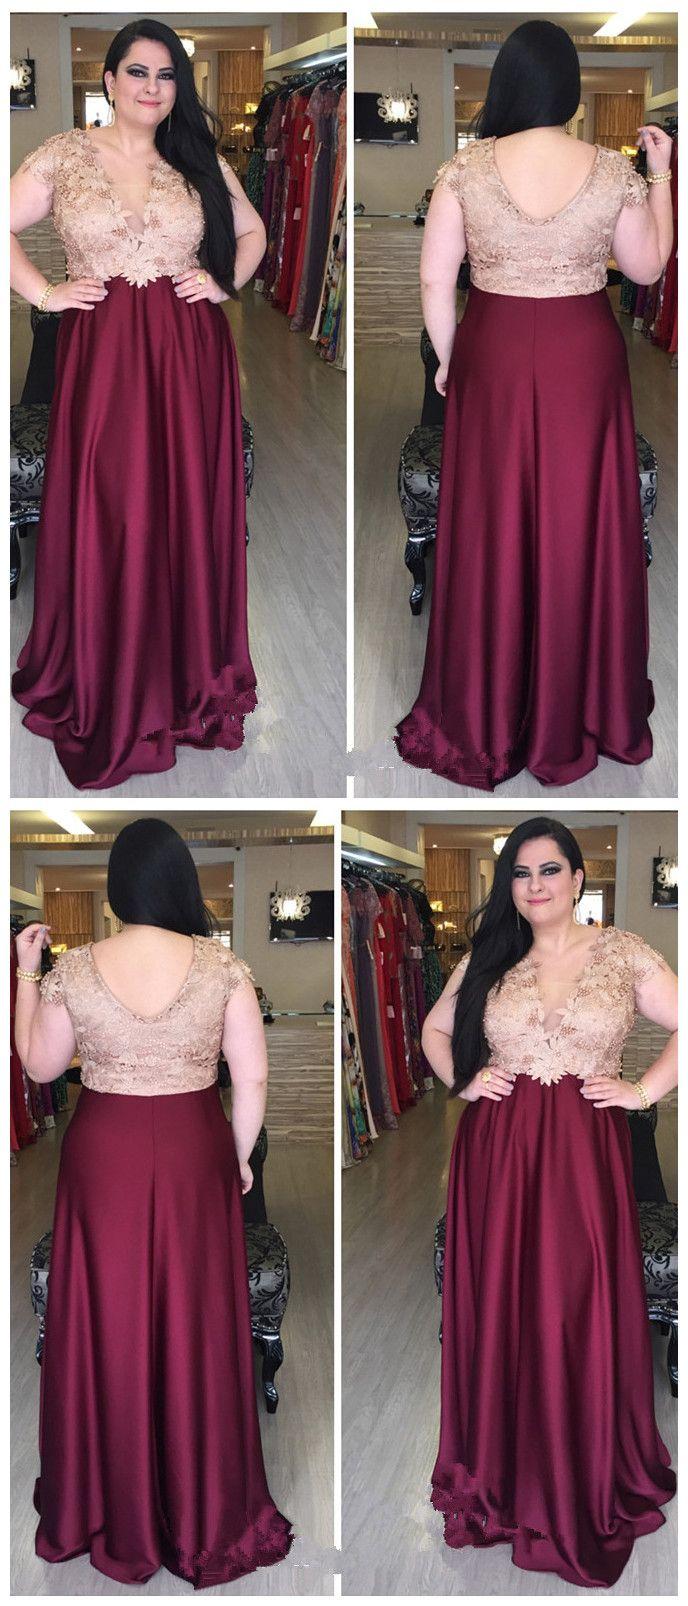 aline v neck burgundy plus size prom dresses custom long prom